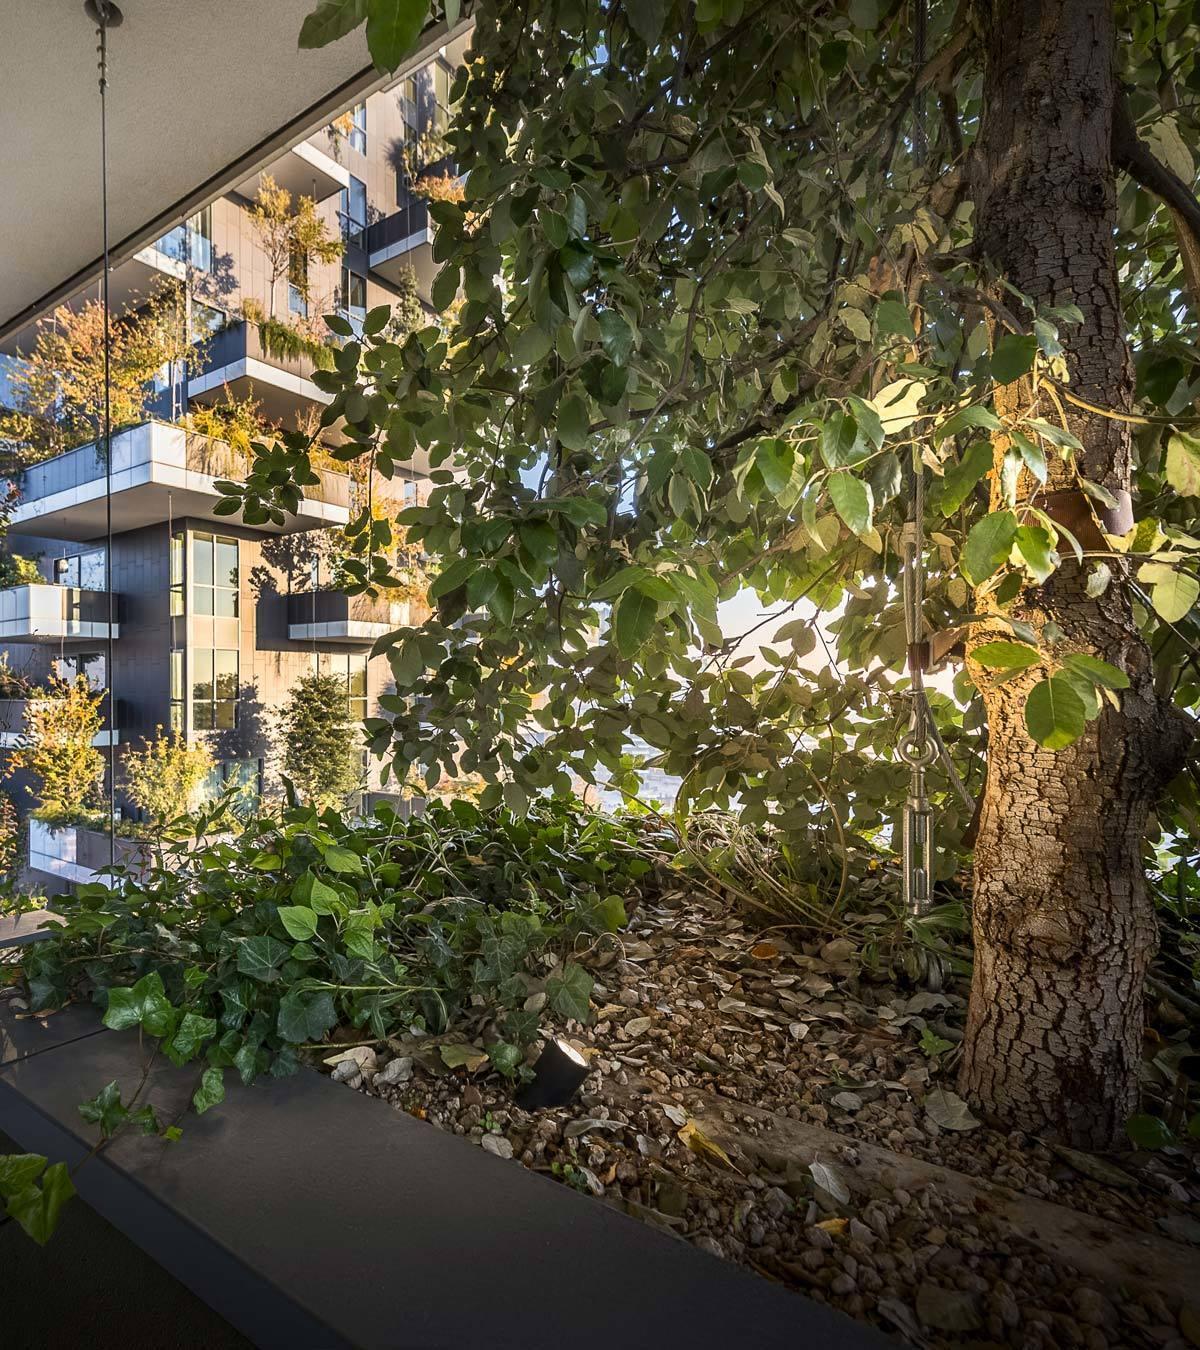 Il giardino verticale il bosco verticale di milano with il giardino verticale beautiful - Giardino verticale madrid ...